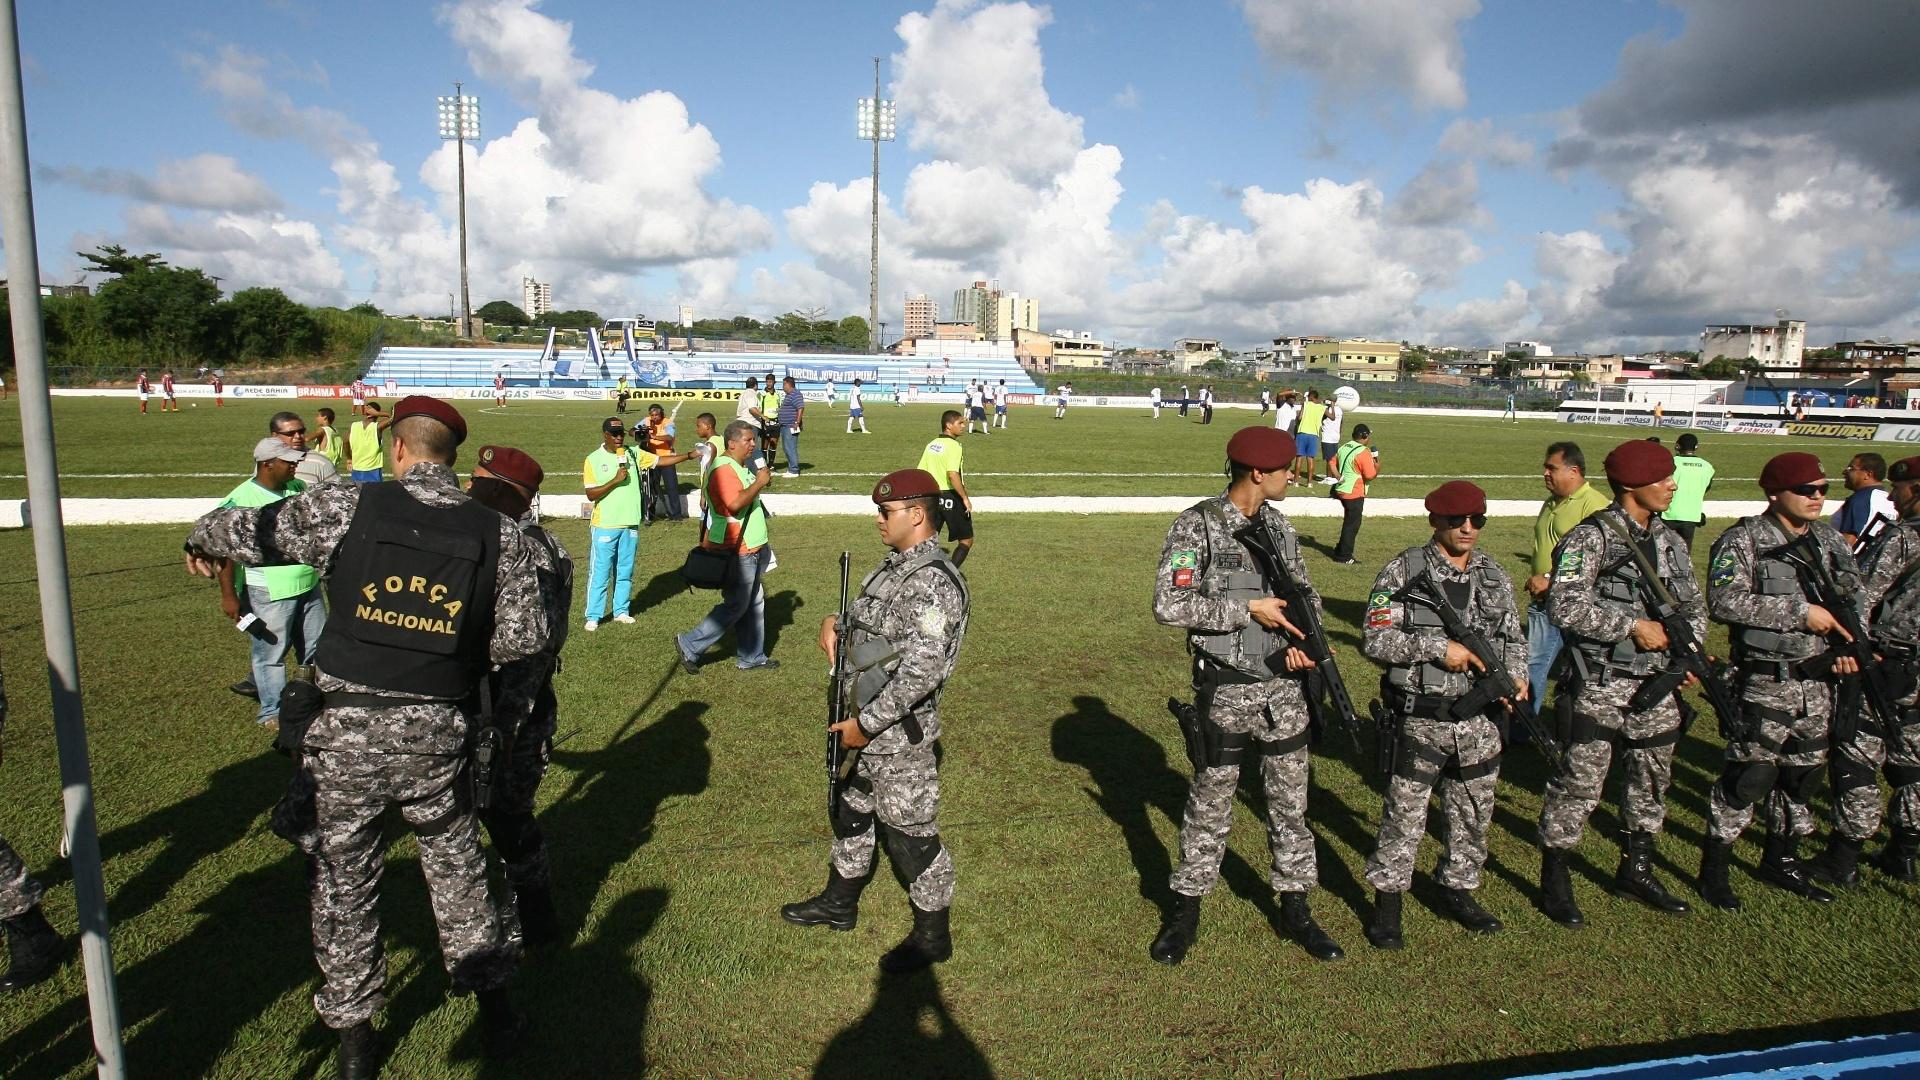 Em razão da greve da Polícia Militar da Bahia, mais de 20 homens da Força Nacional de Segurança atuam durante a partida entre Itabuna e Bahia